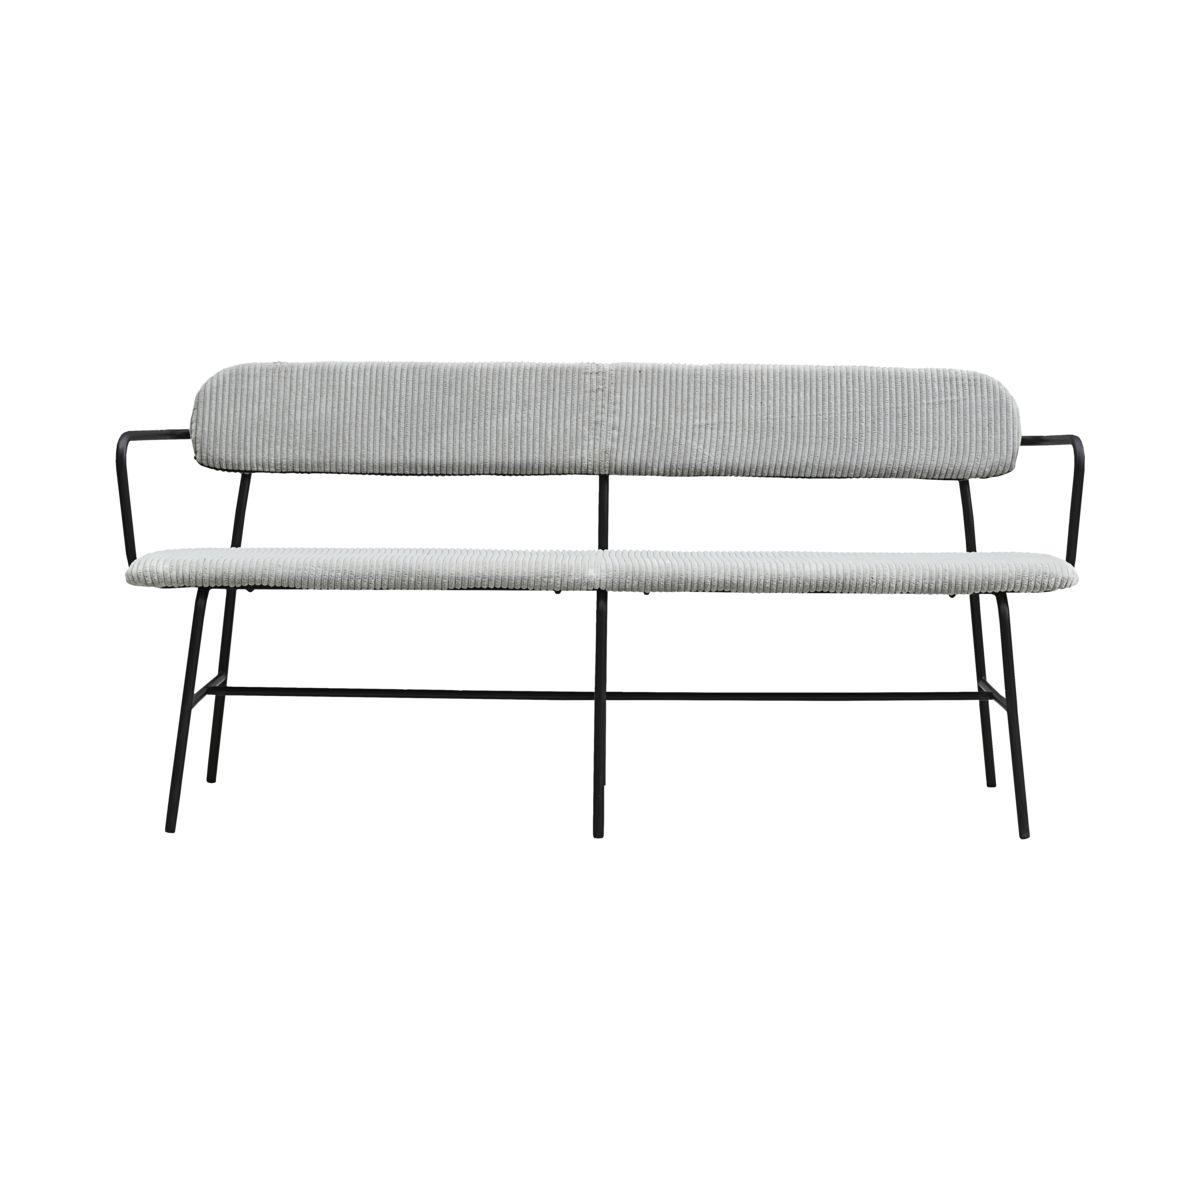 Billede af Bench, Classico, Light grey, Seat height: 46 cm